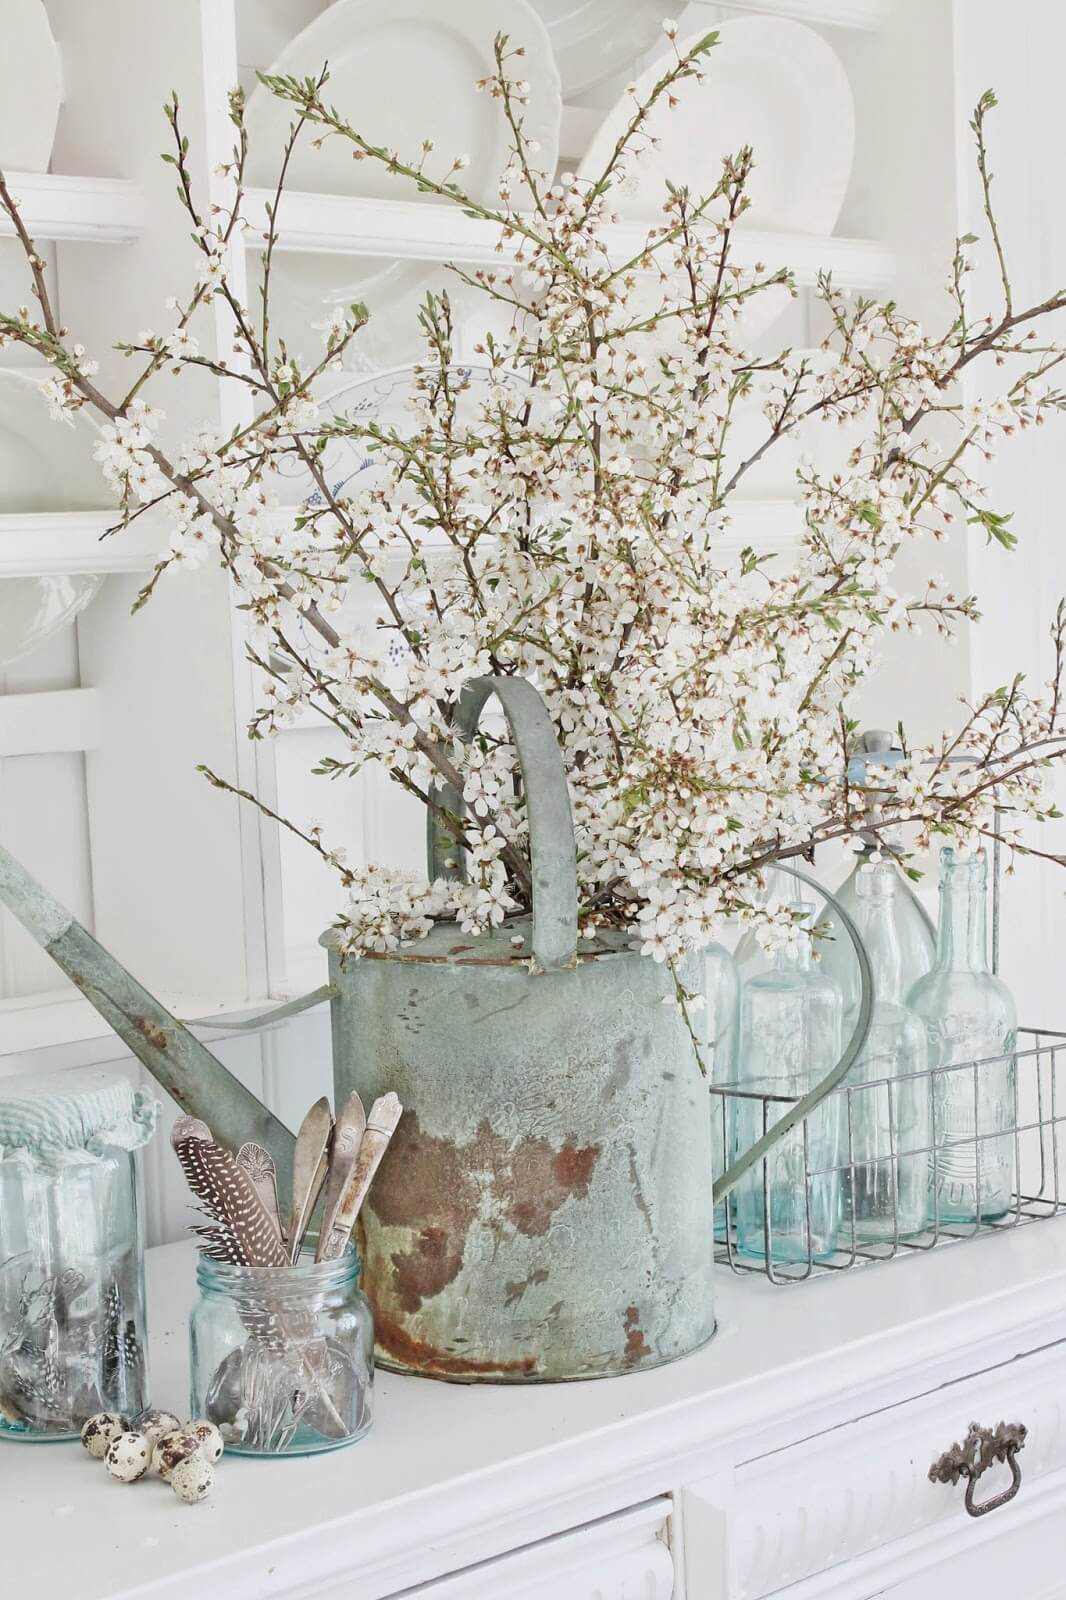 Une pièce maîtresse hivernale avec des plumes de printemps et des œufs